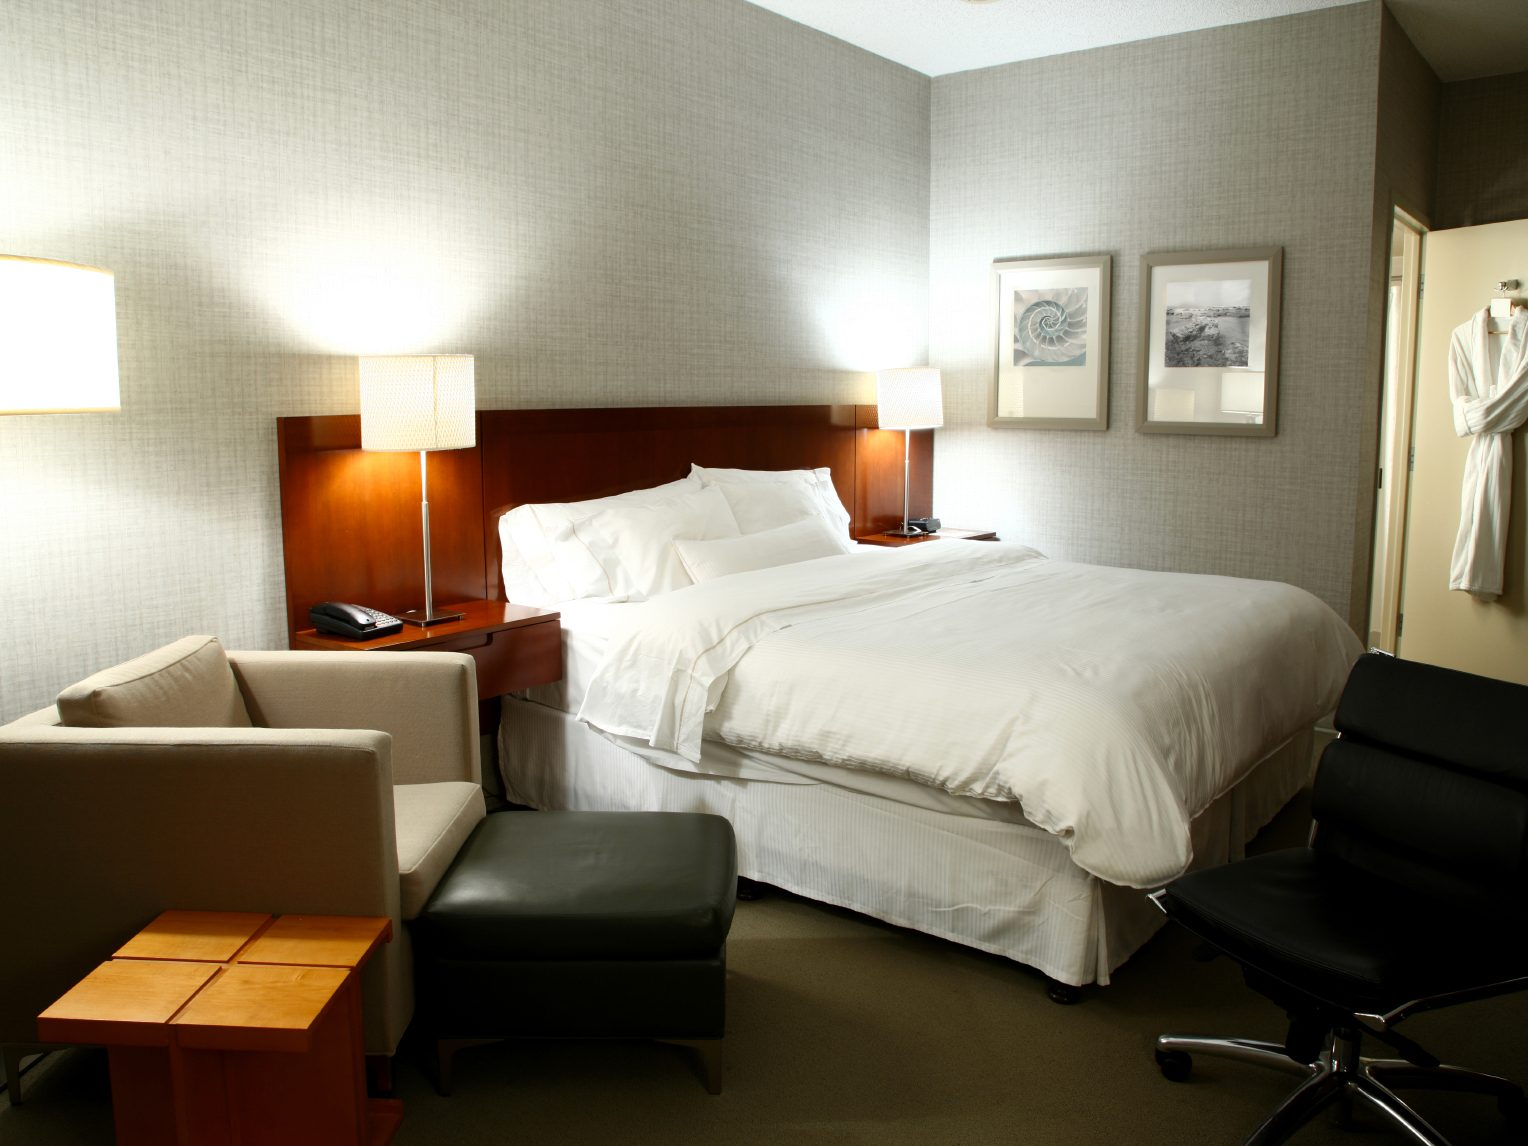 7 conseils pour un voyage de derni re minute r ussi for Trouver un hotel derniere minute